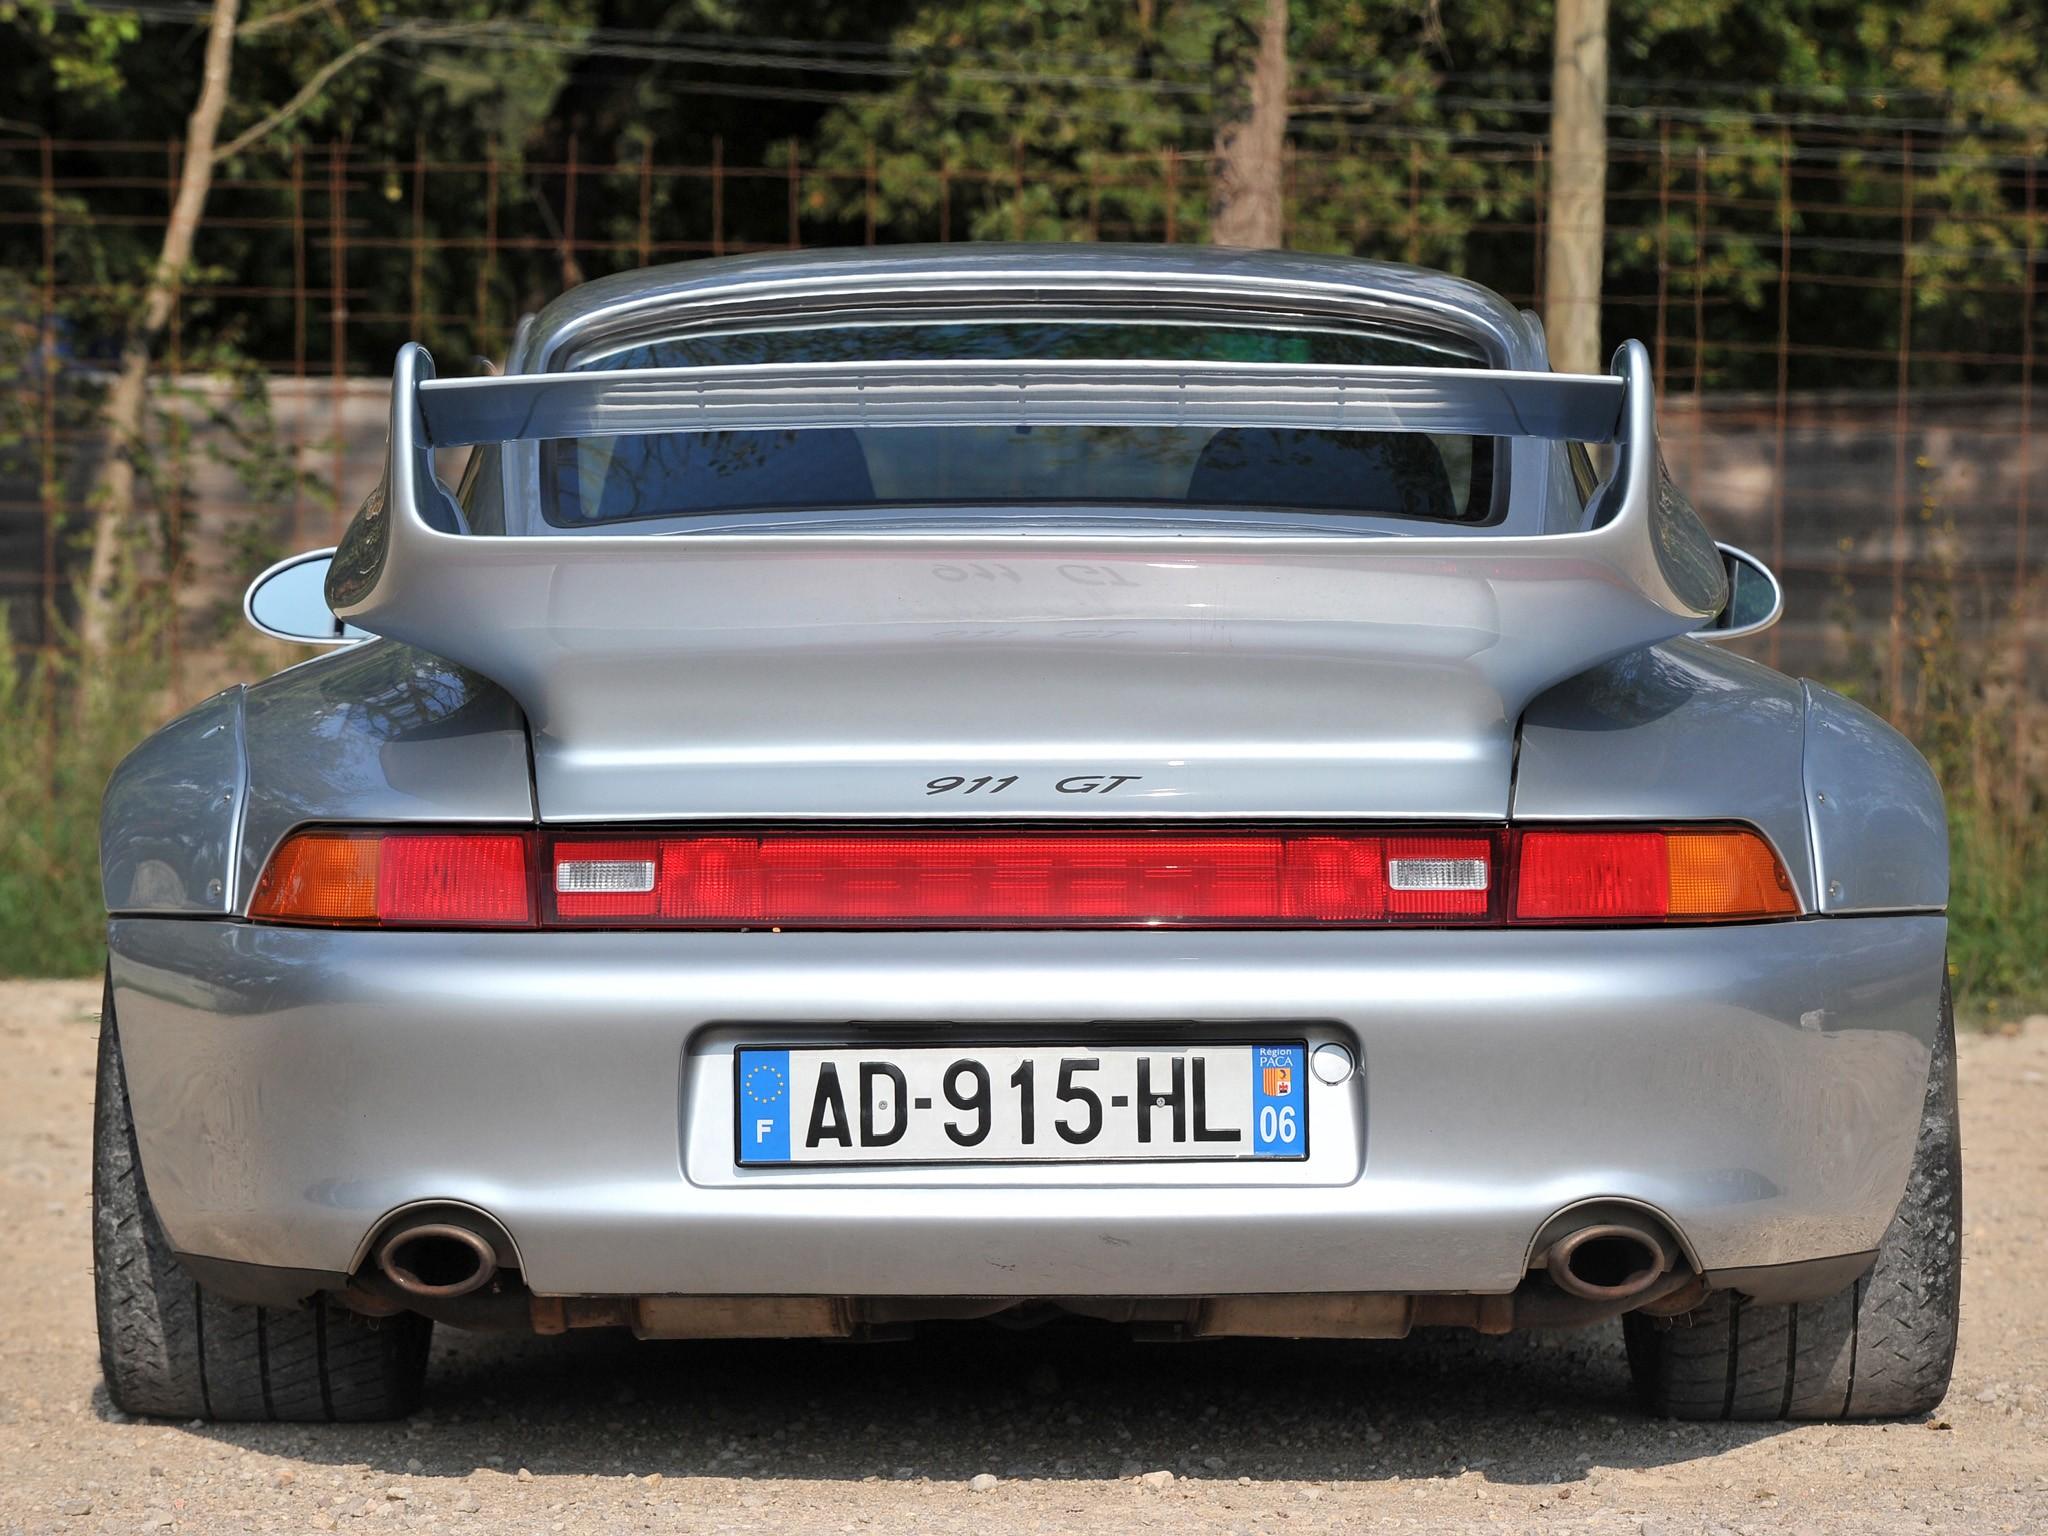 PORSCHE-911-GT2--993--2961_22 Stunning Porsche 911 Gt2 Body Kit Cars Trend